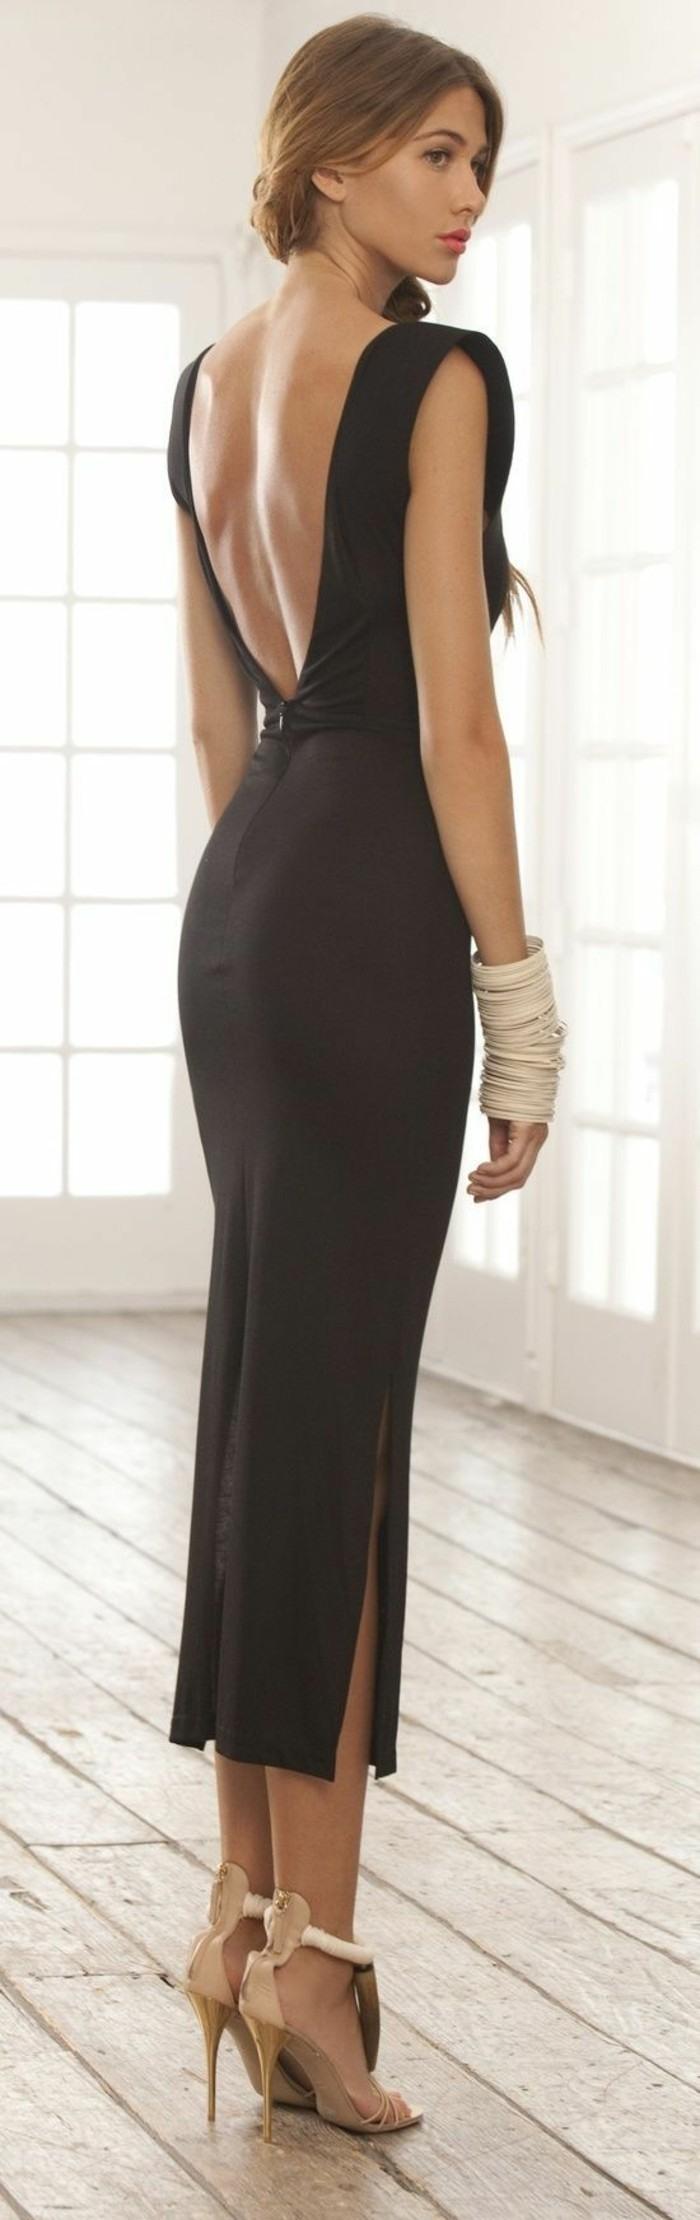 Abend Großartig Rückenfreie Abendkleider Bester PreisAbend Elegant Rückenfreie Abendkleider Boutique